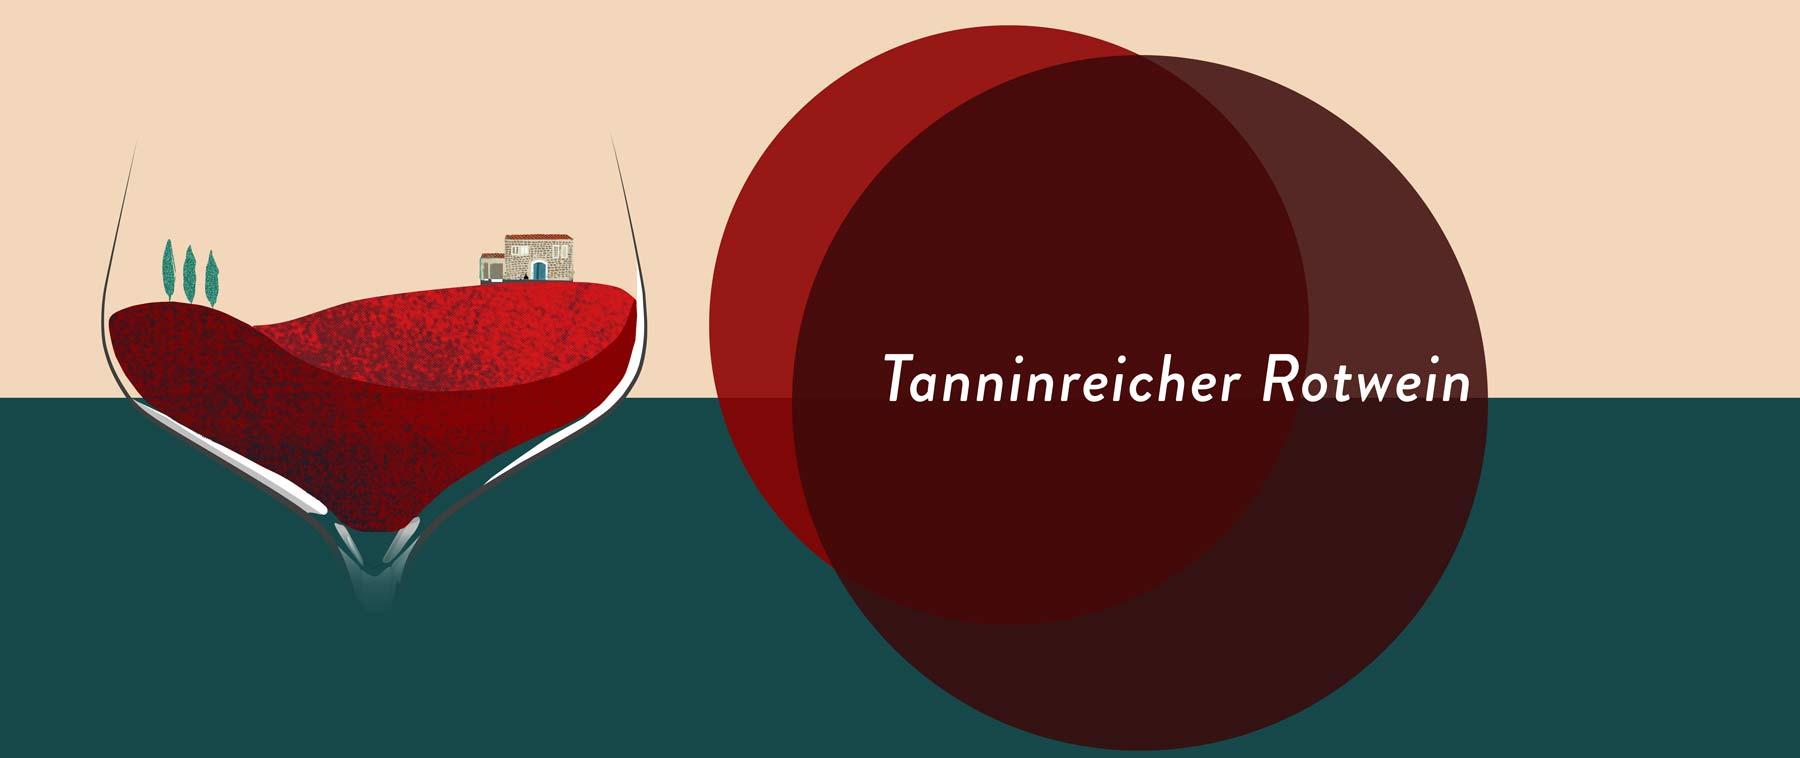 Tanninreicher Rotwein stammt meist von Beeren mit dicken Schalen